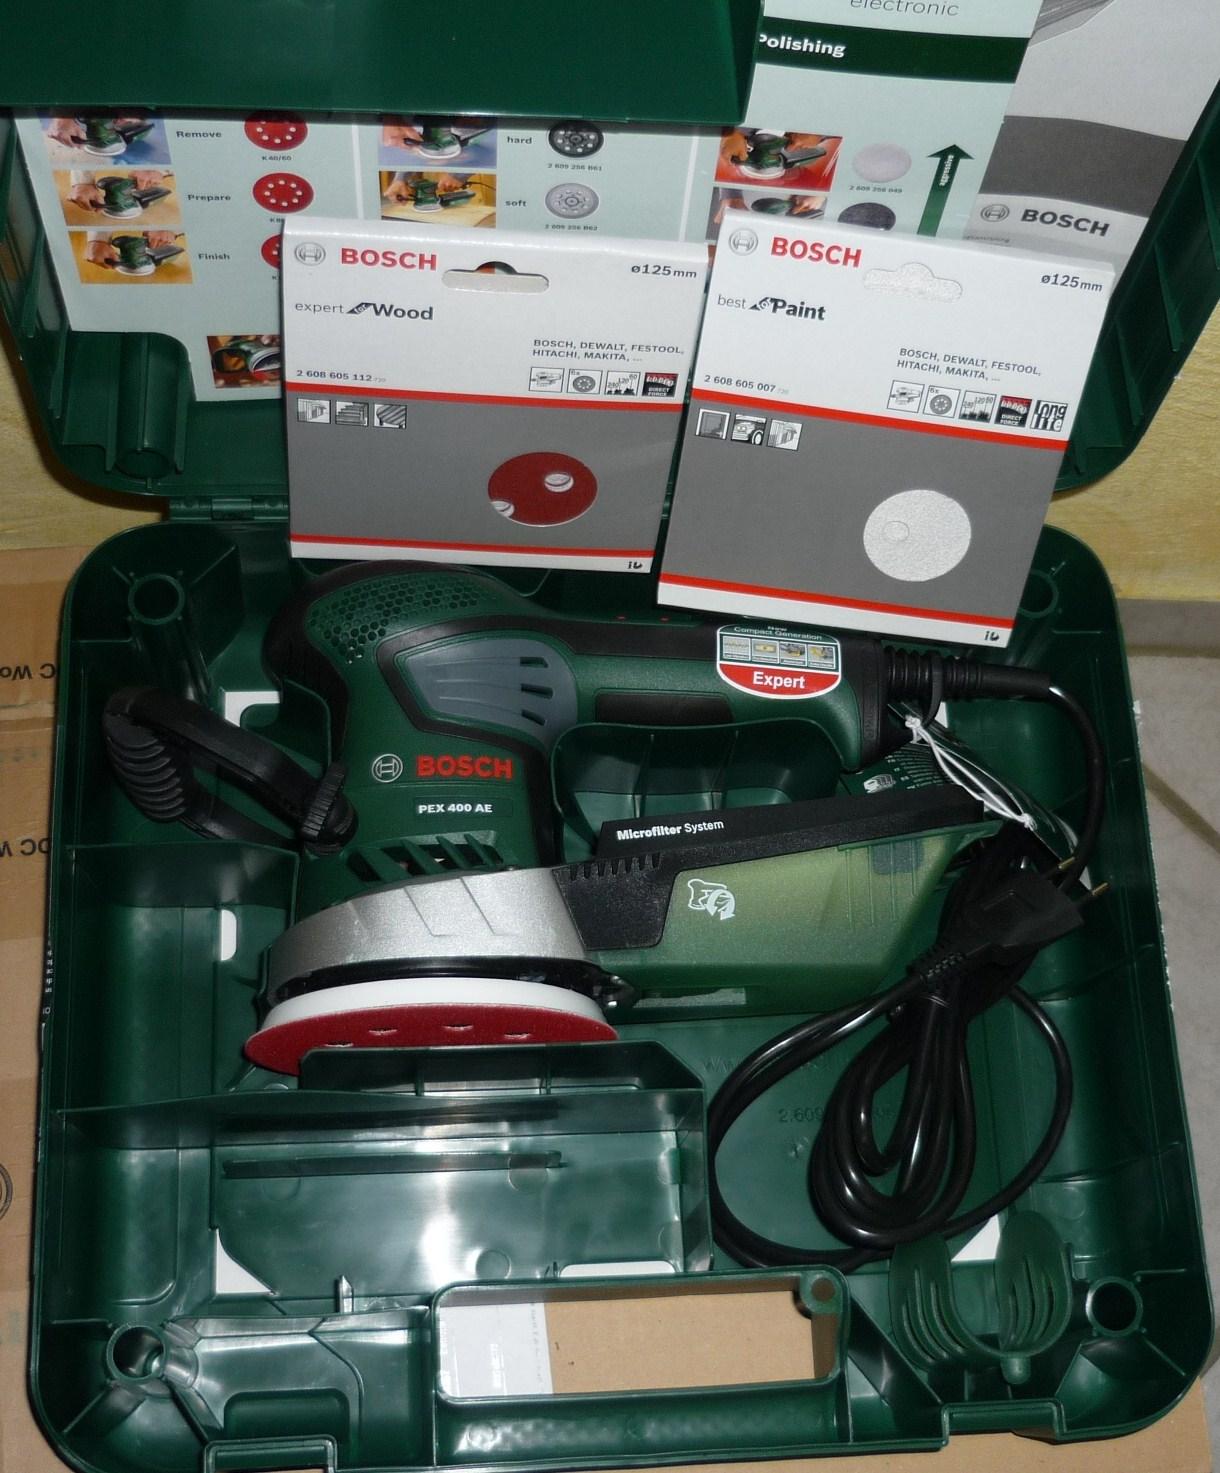 Enormt Getestetes Werkzeug: Bosch PEX 400 AE Exzenterschleifer | Bosch CP41